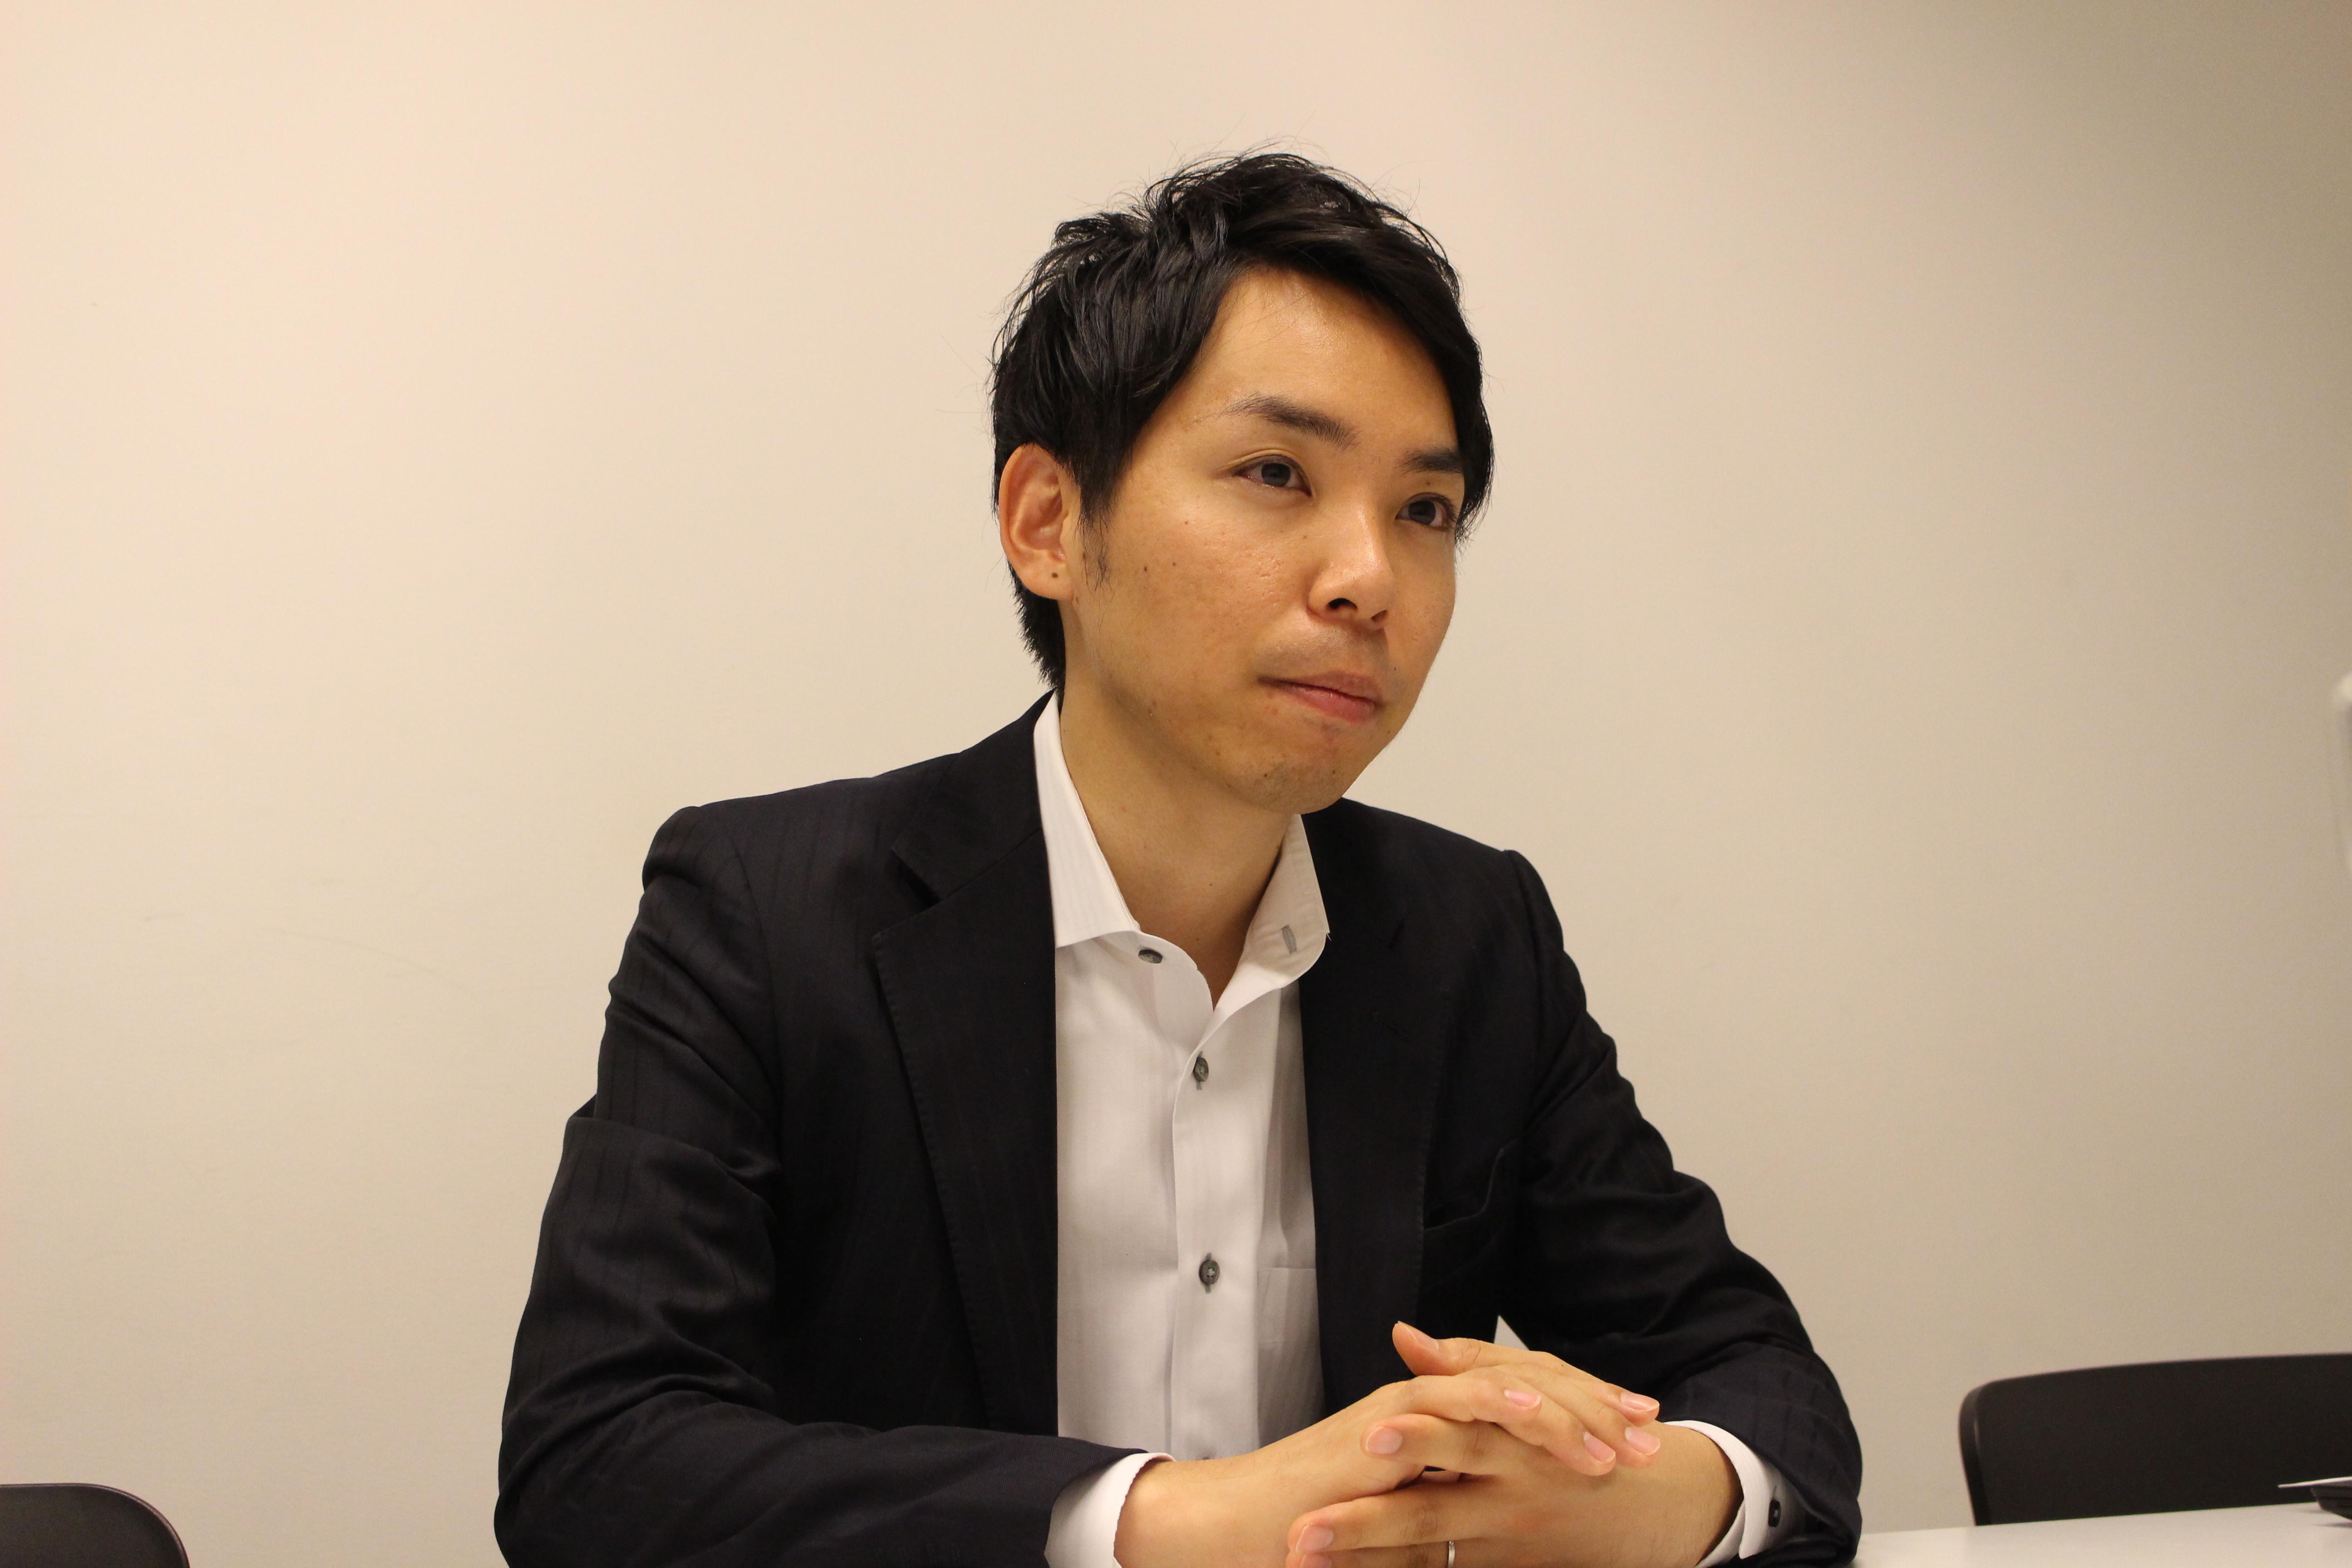 土井一真さんのインタビュー写真2